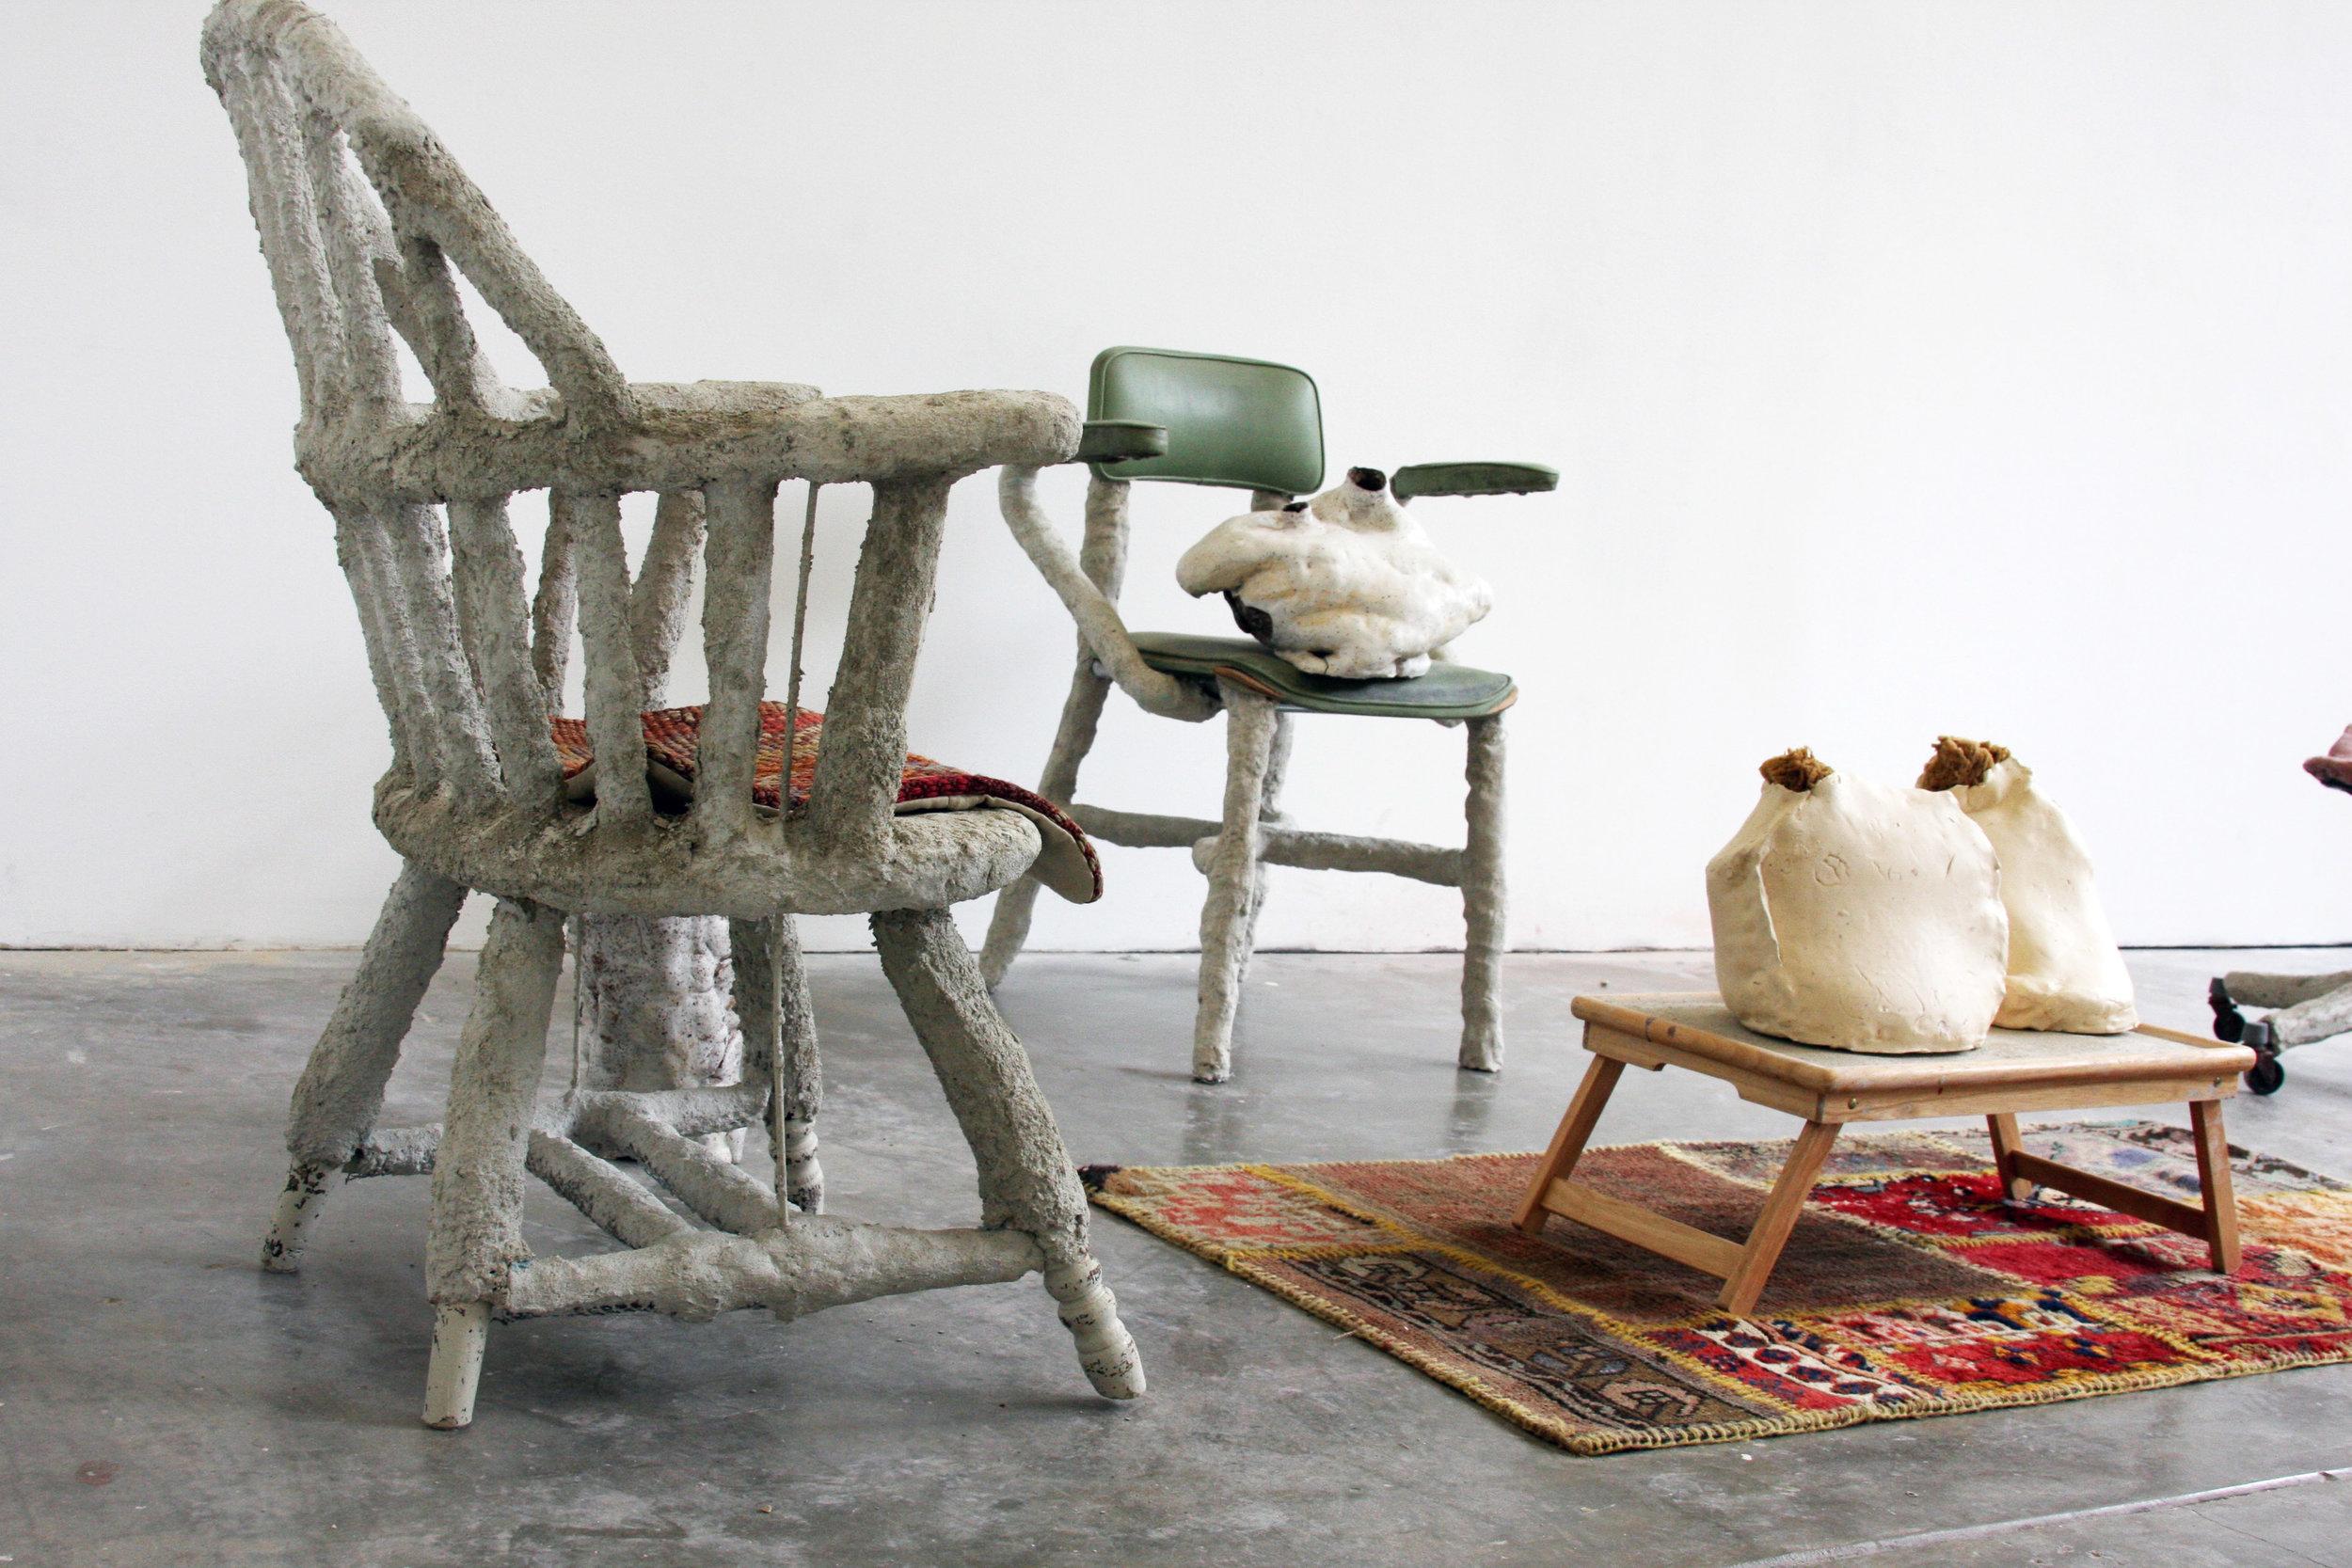 modified furniture, mortar cement, stoneware, textiles, sea sponge